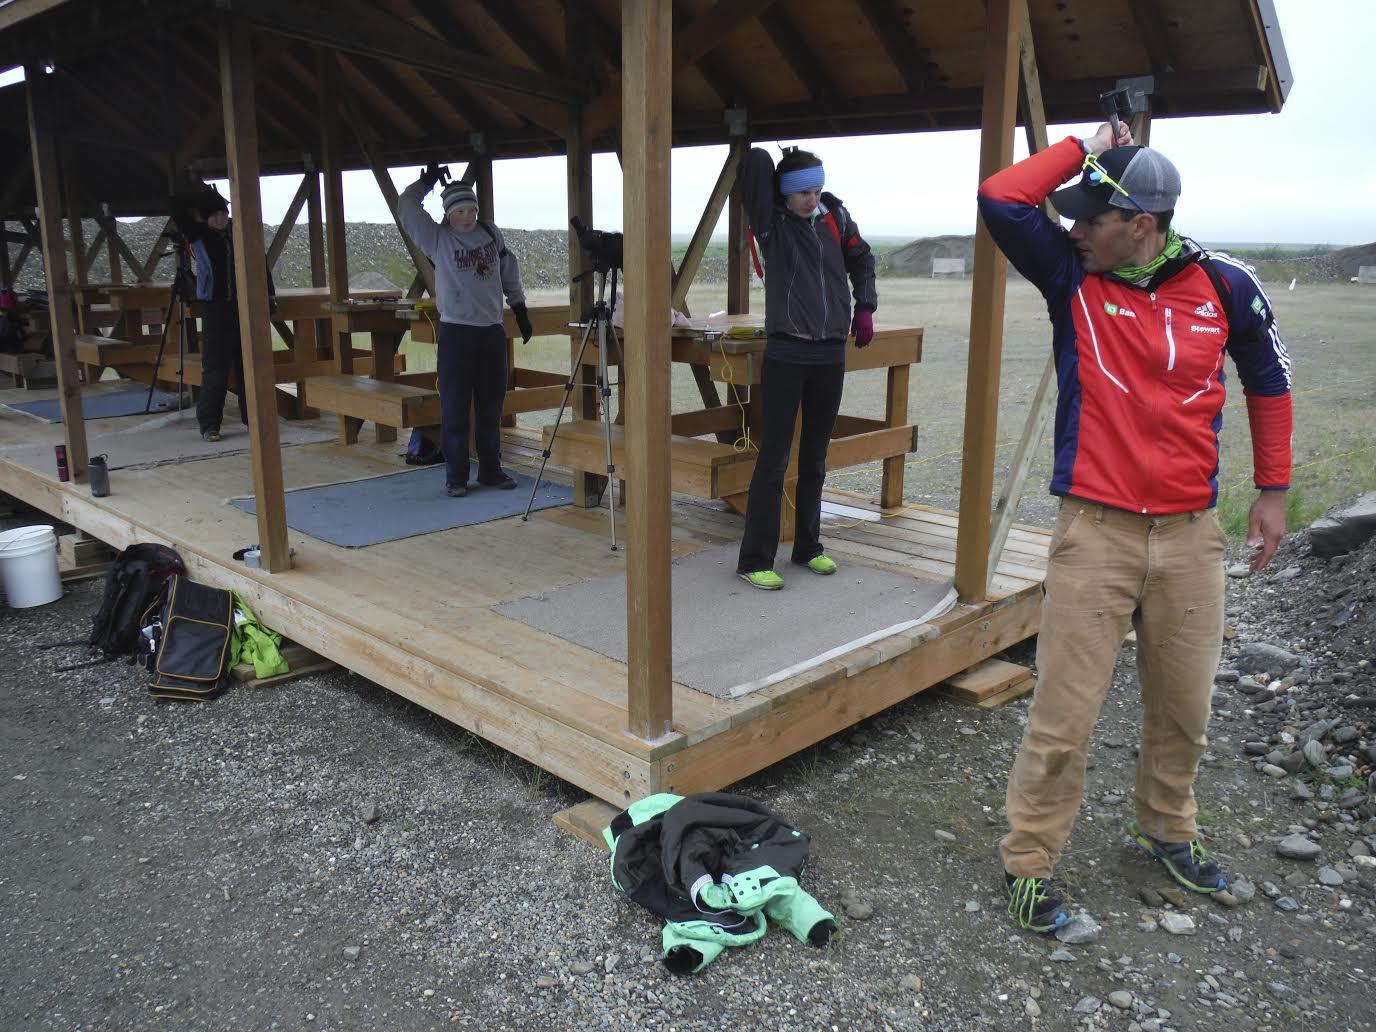 Sam Dougherty (proper) coaching a girls' biathlon clinic in Nome, Alaska. He now has a coaching internship with the U.S. national team. (Photo: Sam Dougherty)